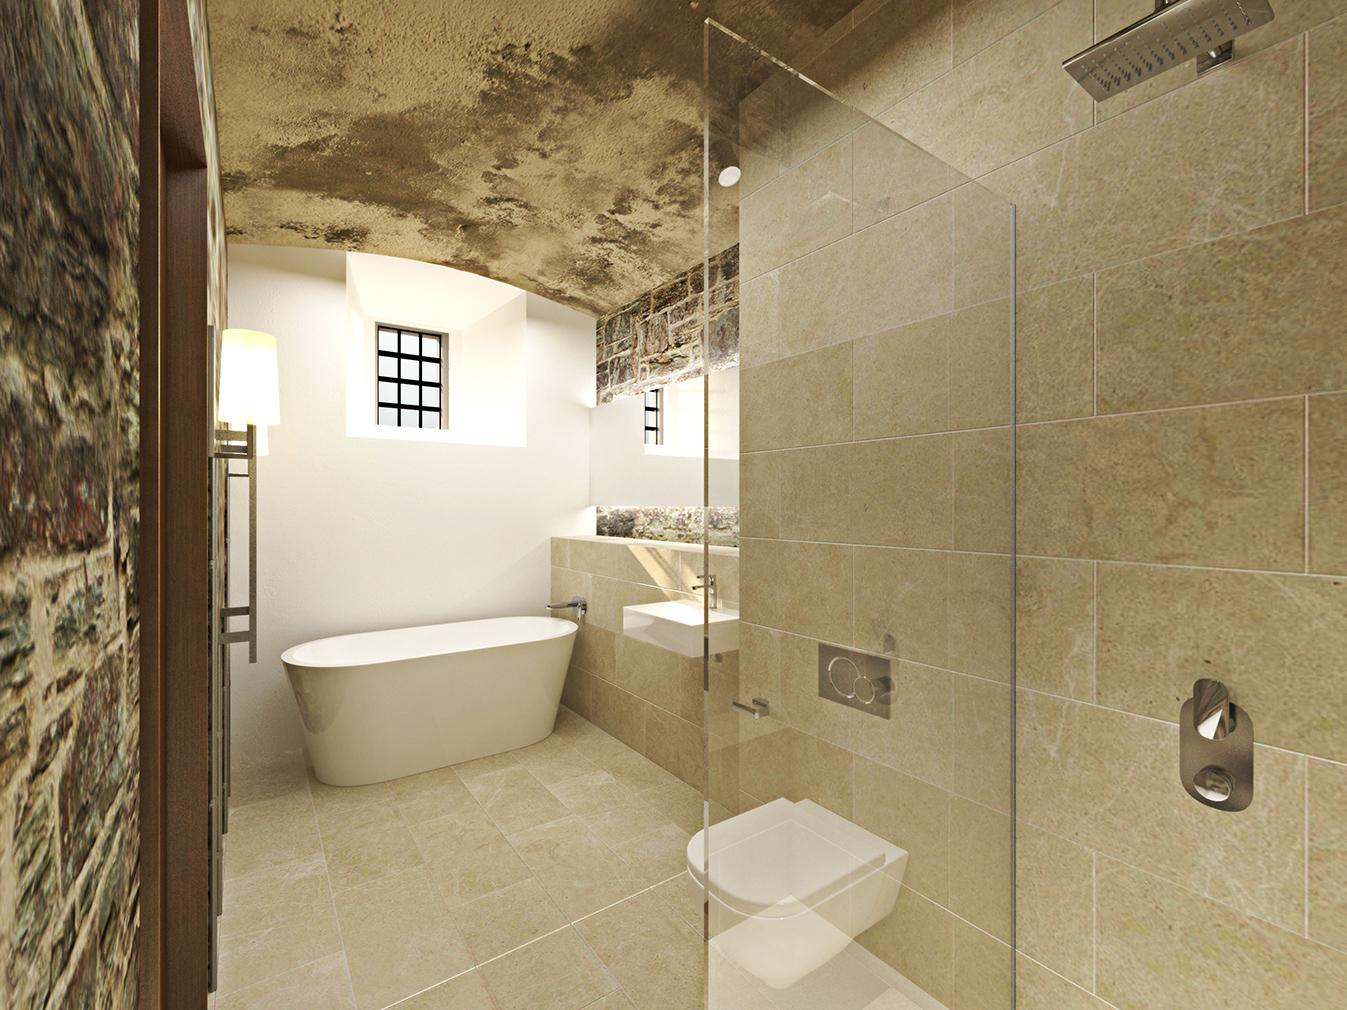 Bodmin Prison hotel